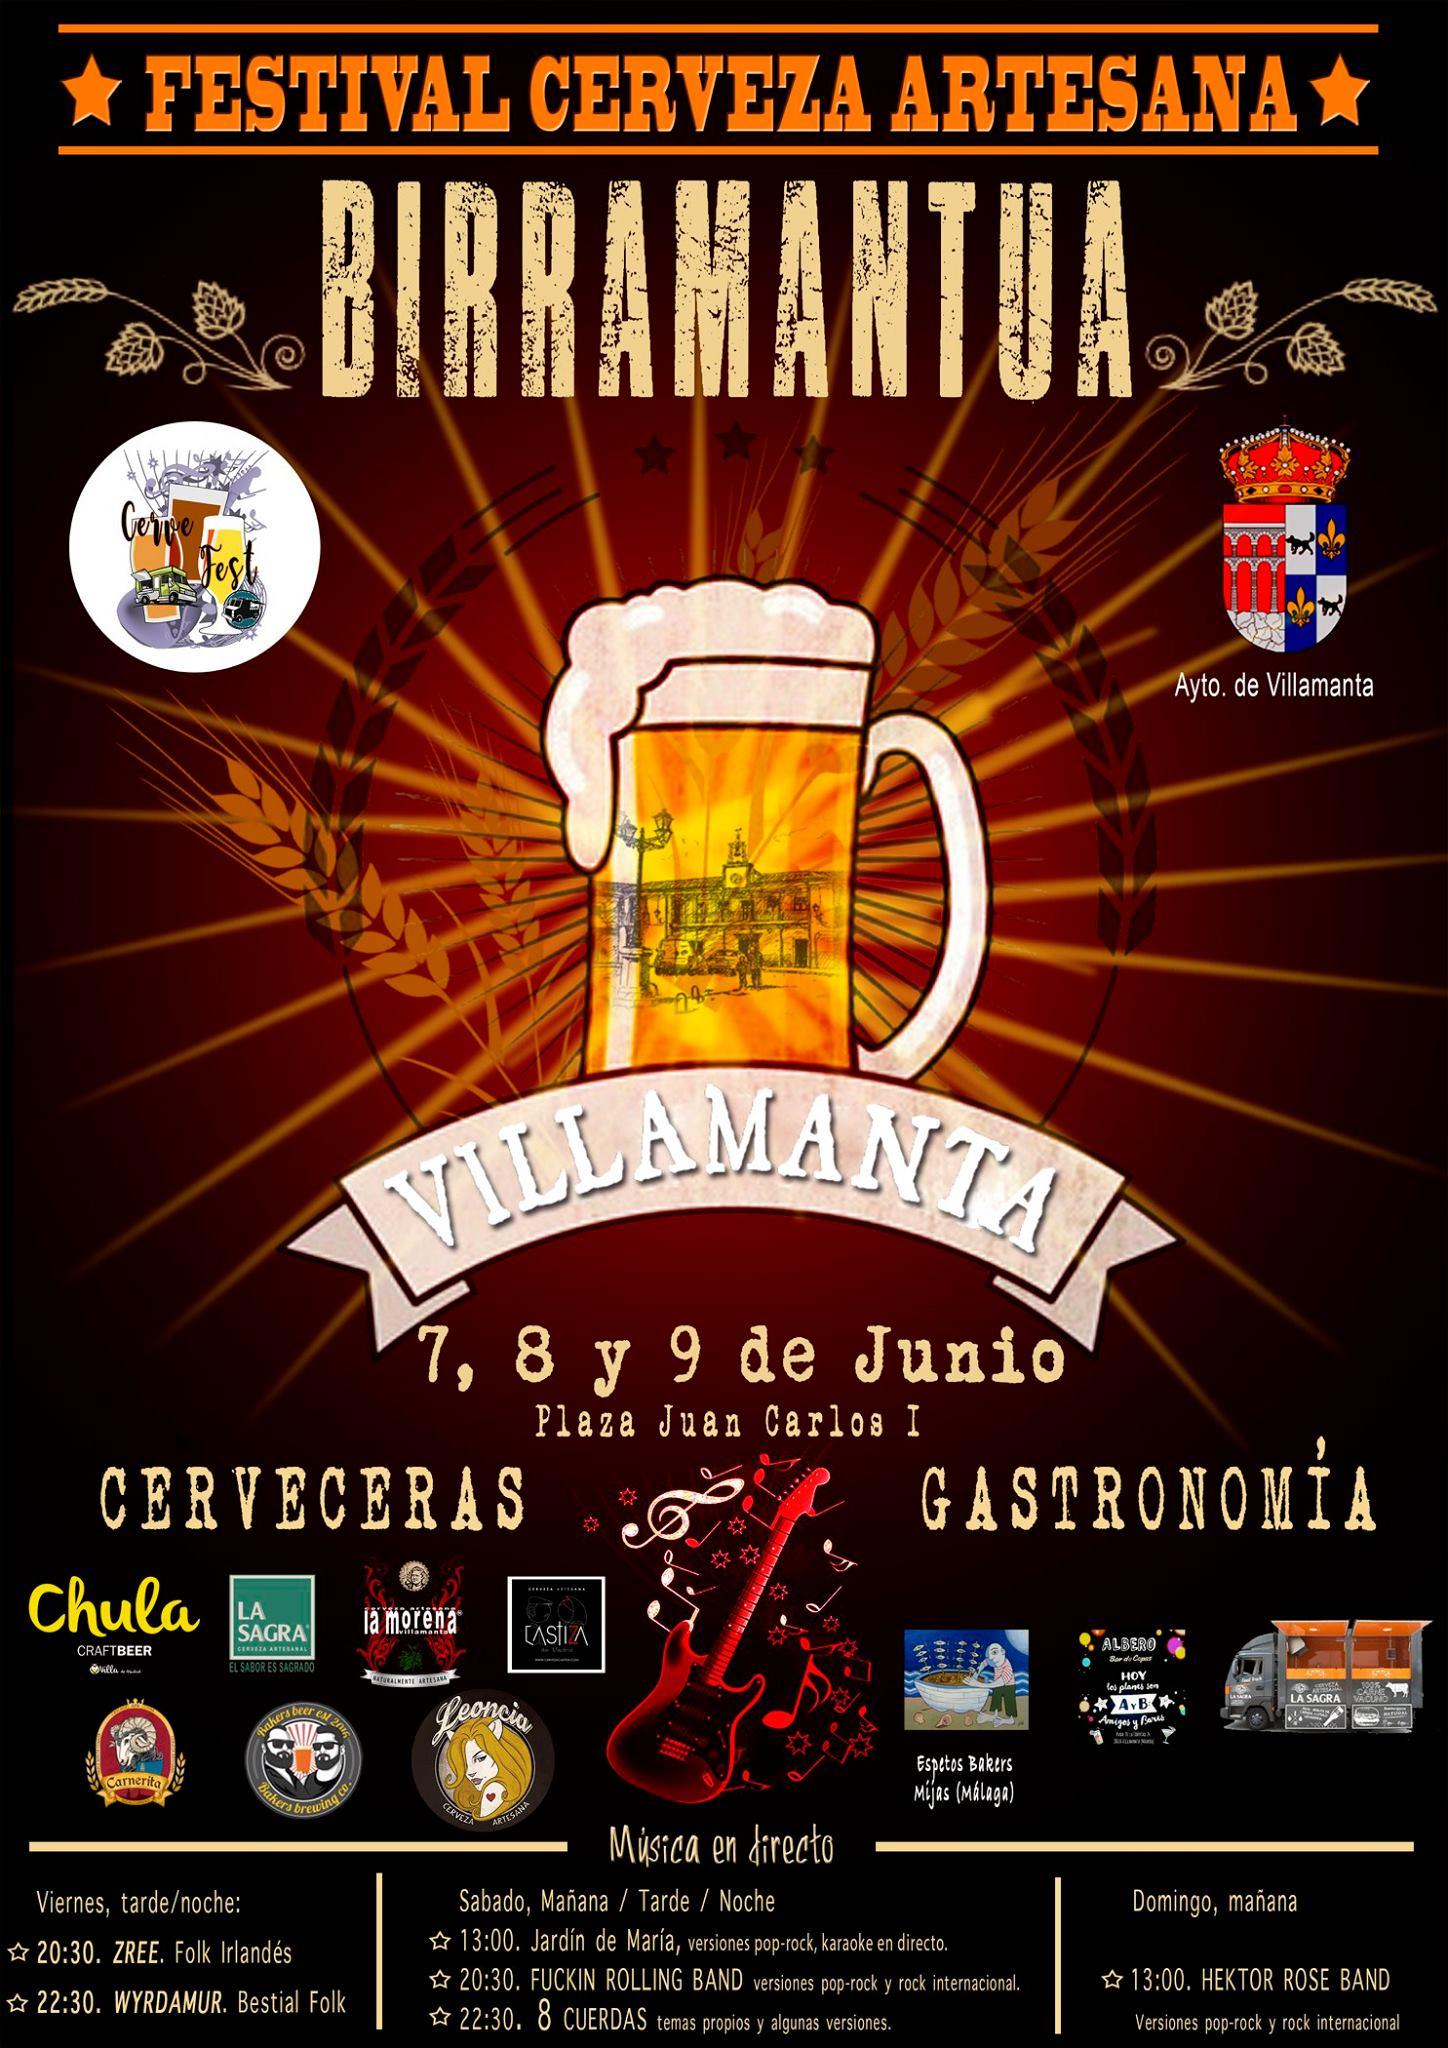 Cervezas Leoncia estará en Birramantua 2019, Festival de Cerveza Artesana de Villamanta